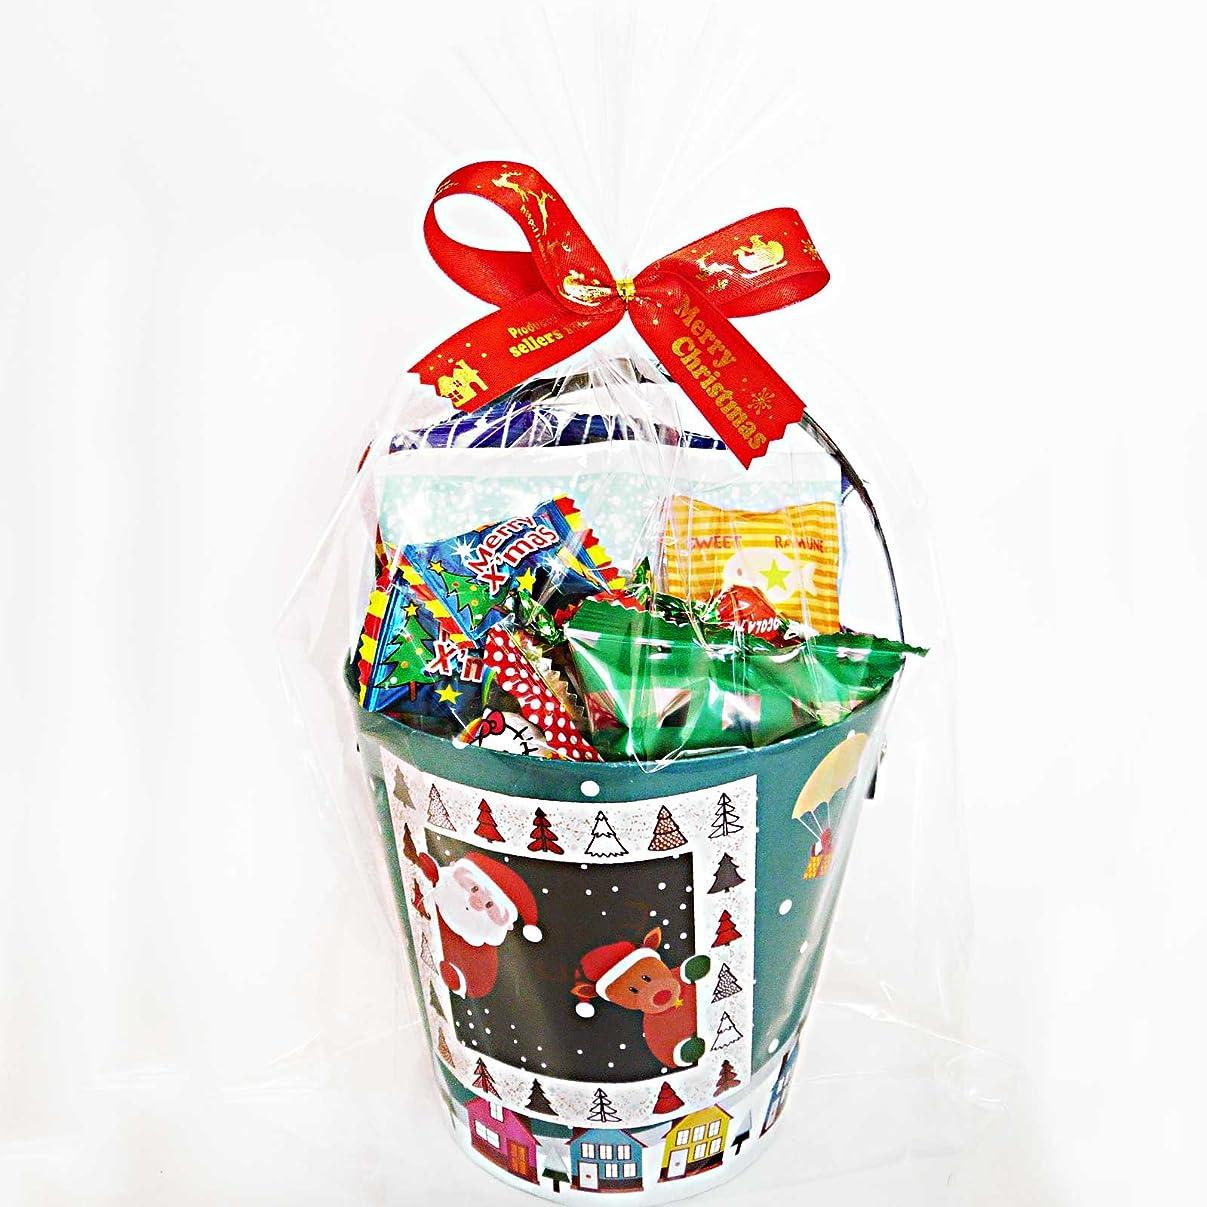 研究所憧れ遠洋のクリスマスお菓子 詰め合わせ クリスマス会 子ども ギフト プレゼント クリスマスバケツ8個入り